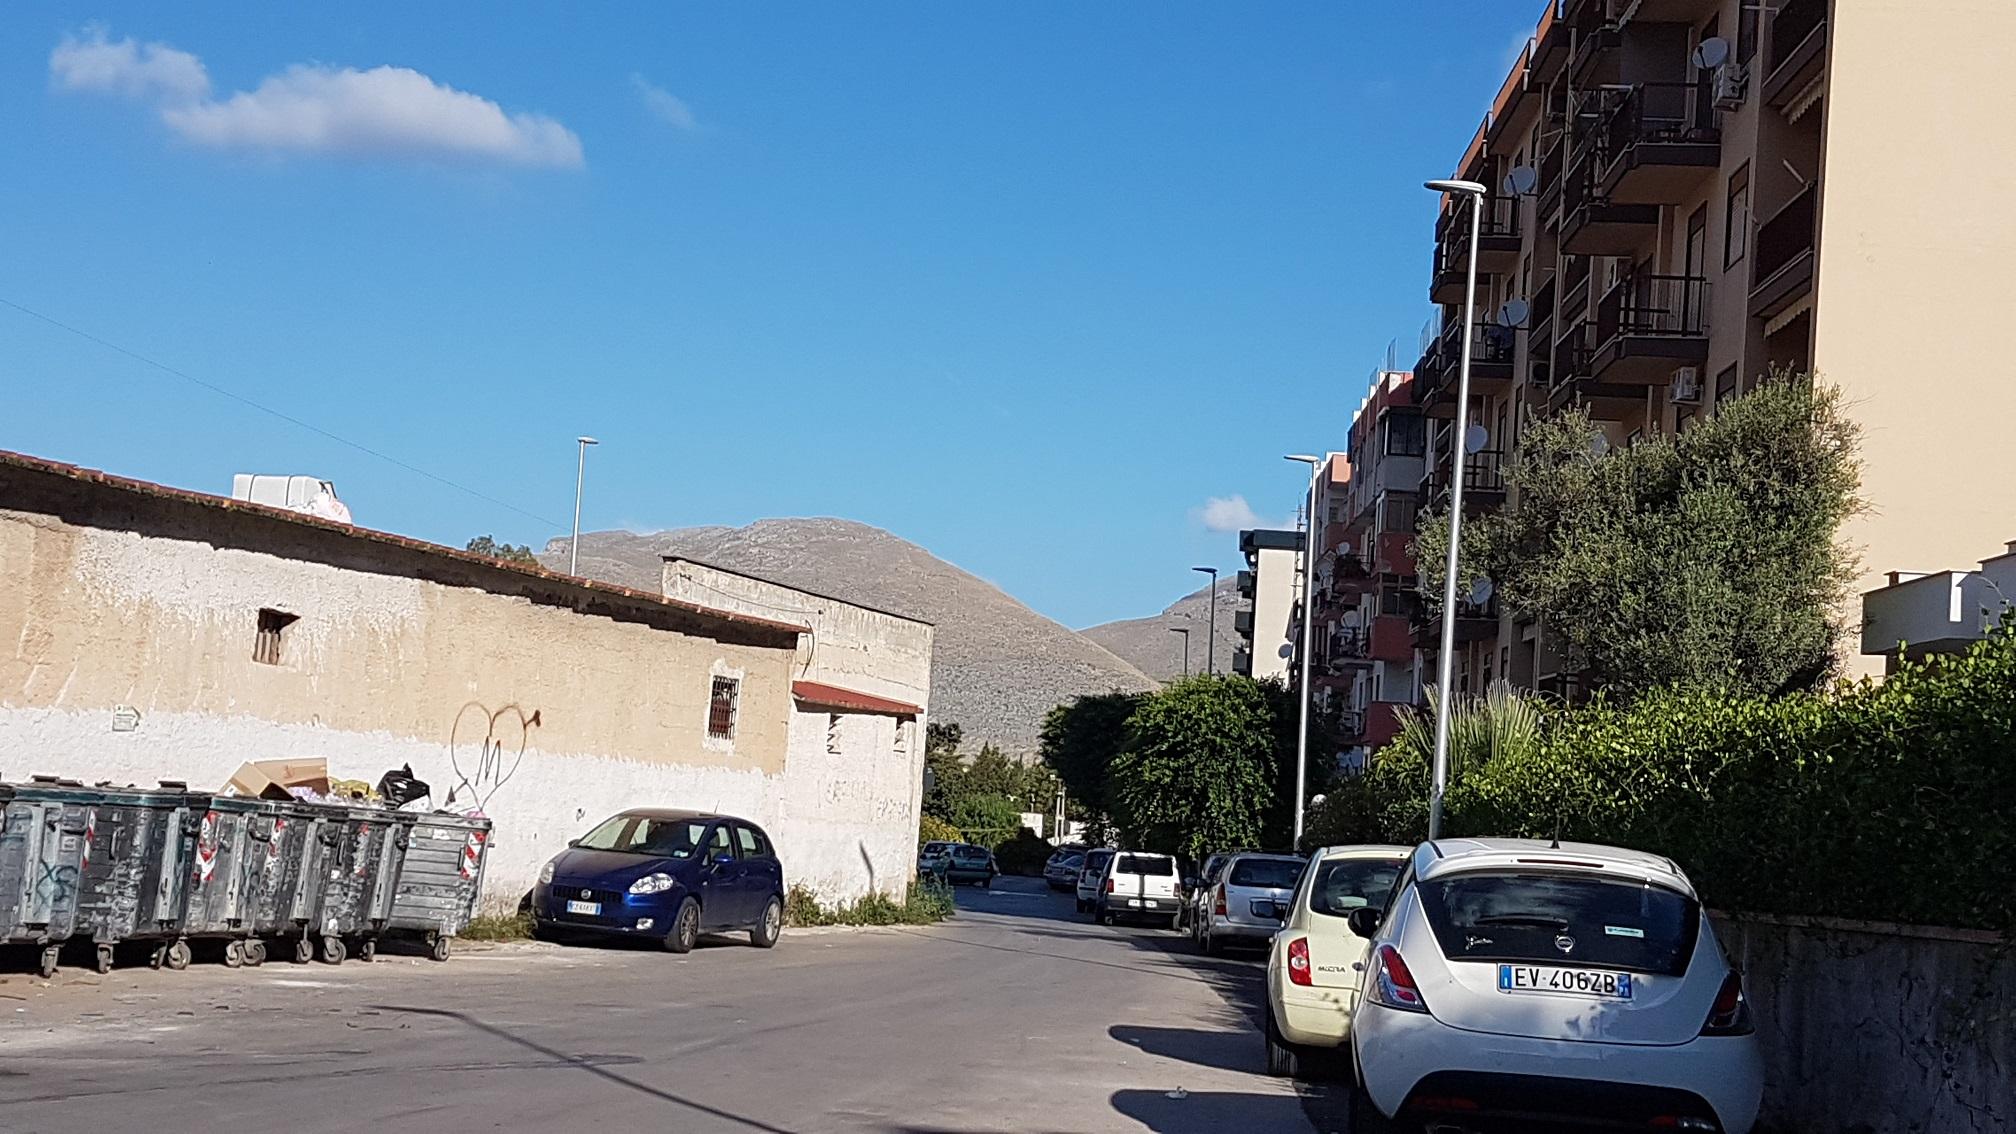 Via De Stefano, il sindaco accende il nuovo impianto di illuminazione a LED. Quattordici punti luce ad alta efficienza e durata